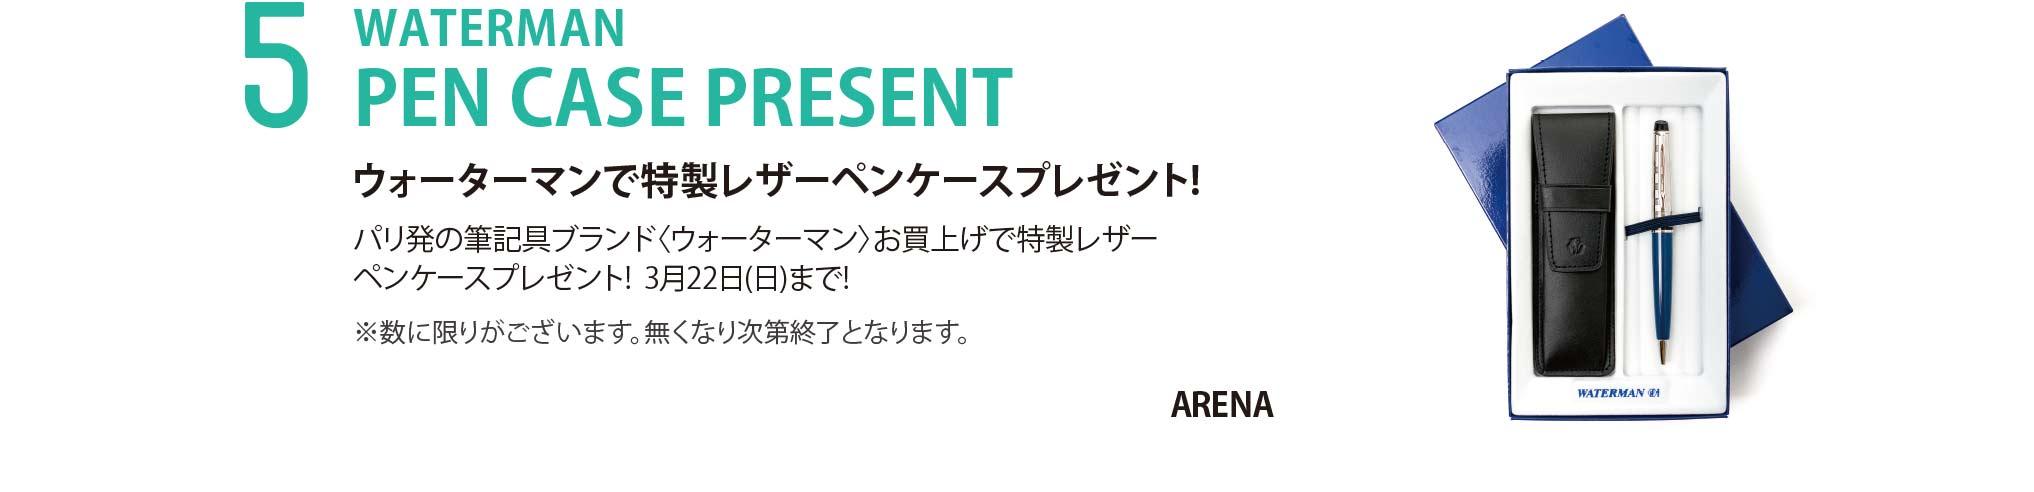 WATERMAN PEN CASE PRESENT ウォーターマンで特製レザーペンケースプレゼント!